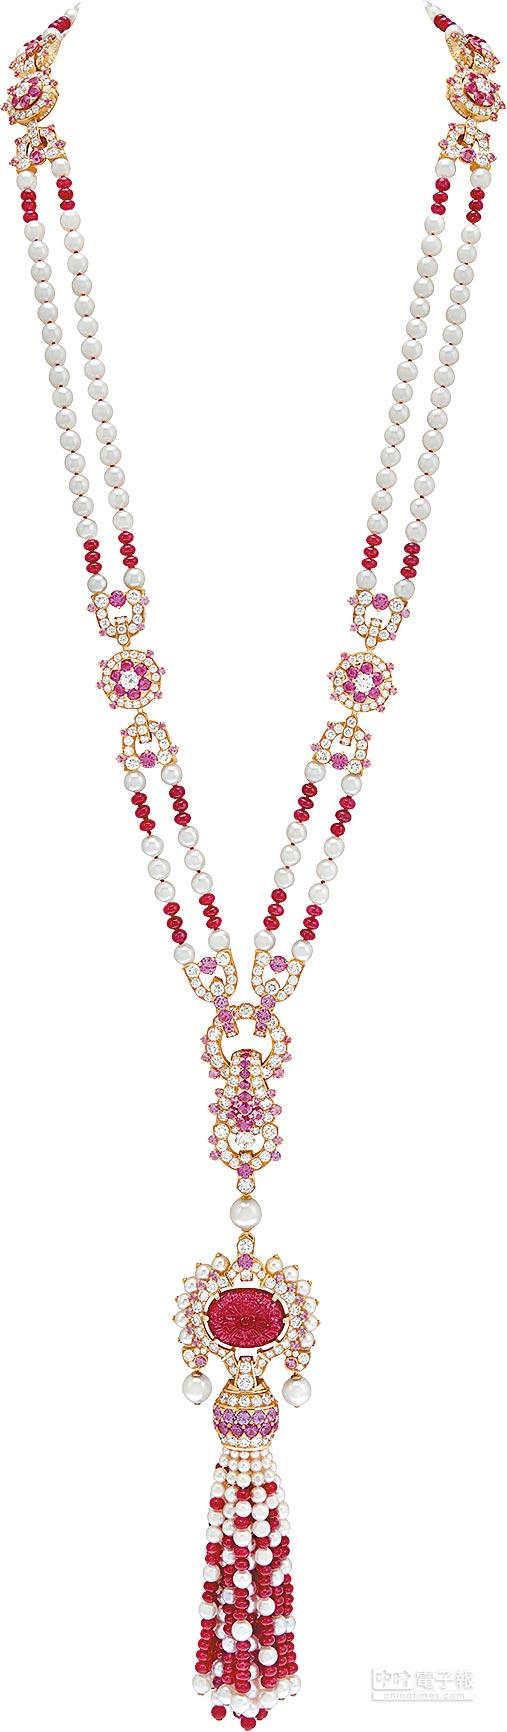 梵克雅寶Priya可轉換式長項鍊,重25.23克拉花卉雕刻紅寶石帶有印度風情,還可化為1條短項鍊及2條手鍊。(梵克雅寶提供)